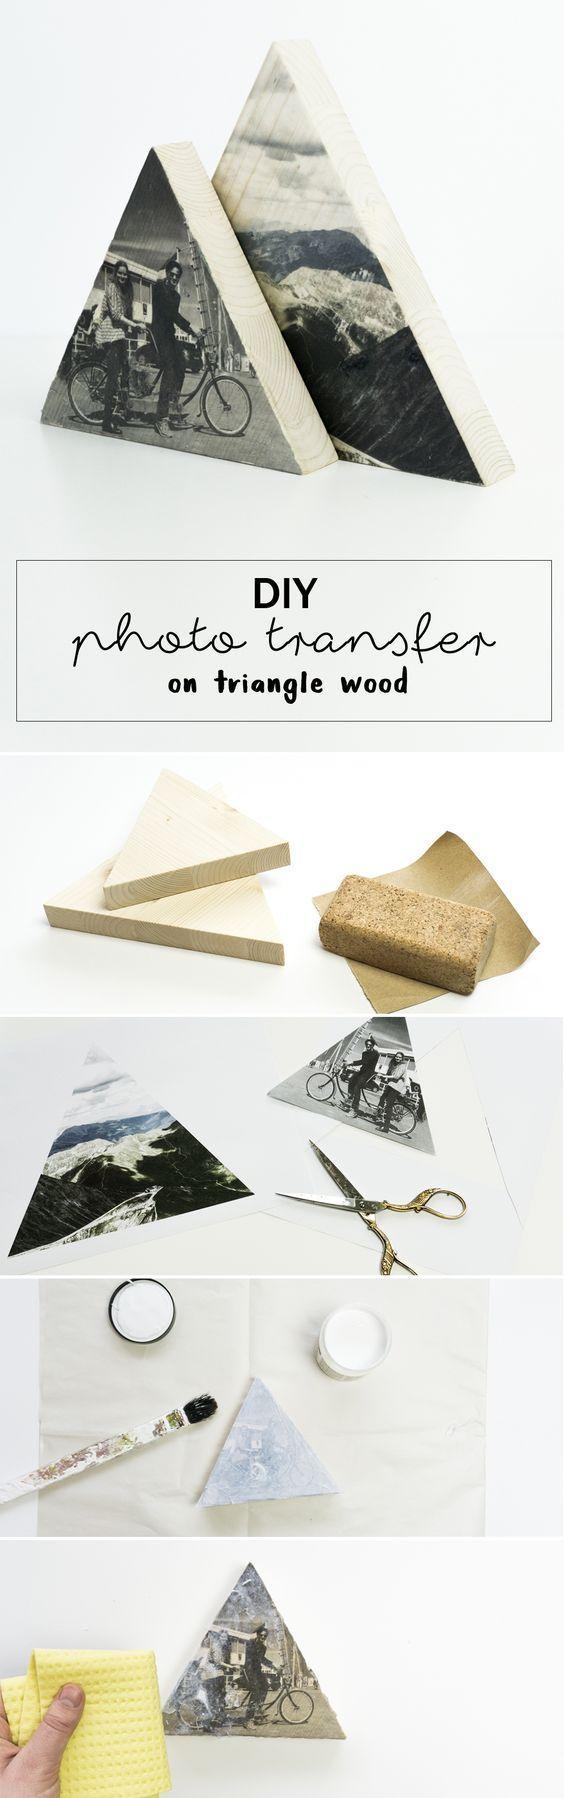 2078 besten DIY Bilder auf Pinterest | Bastelarbeiten, Diy möbel und ...